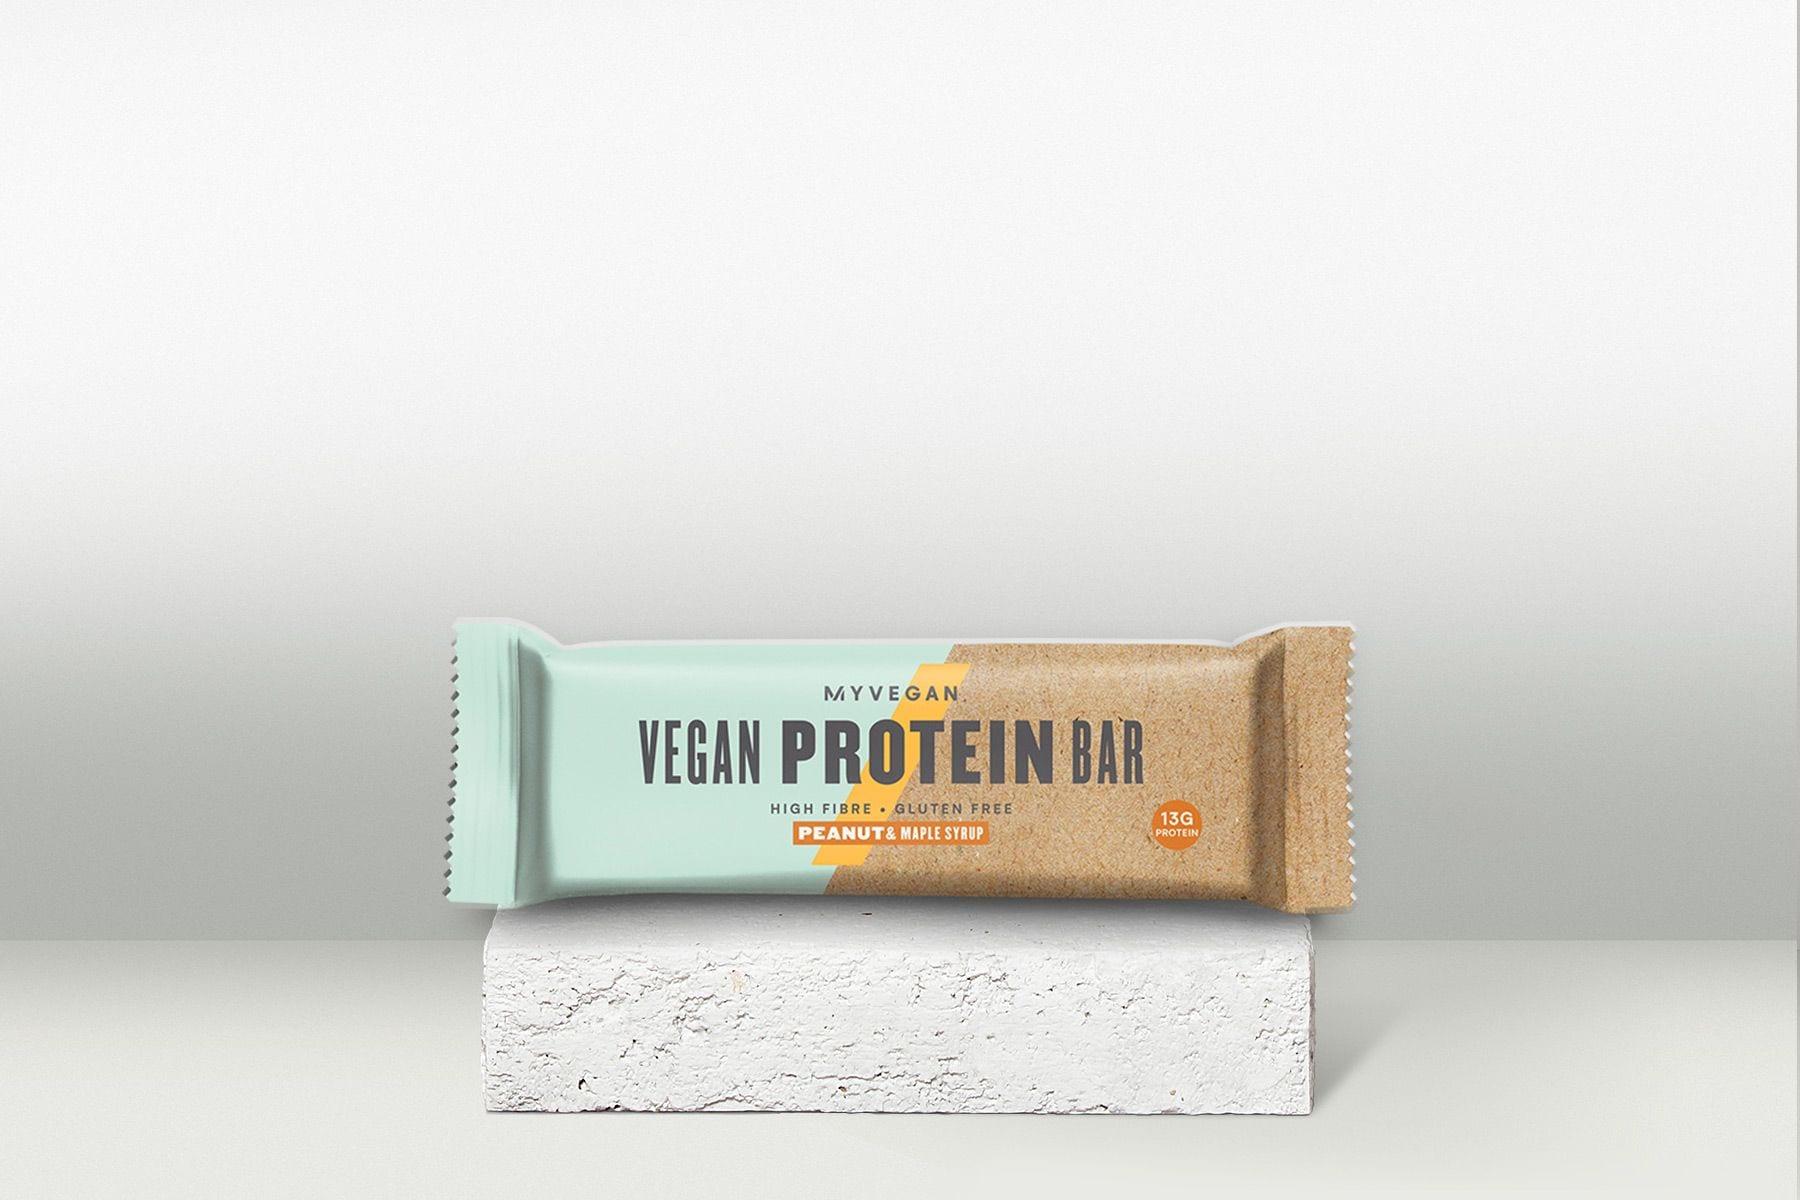 Proteinriegel eine ungesunde Modeerscheinung?